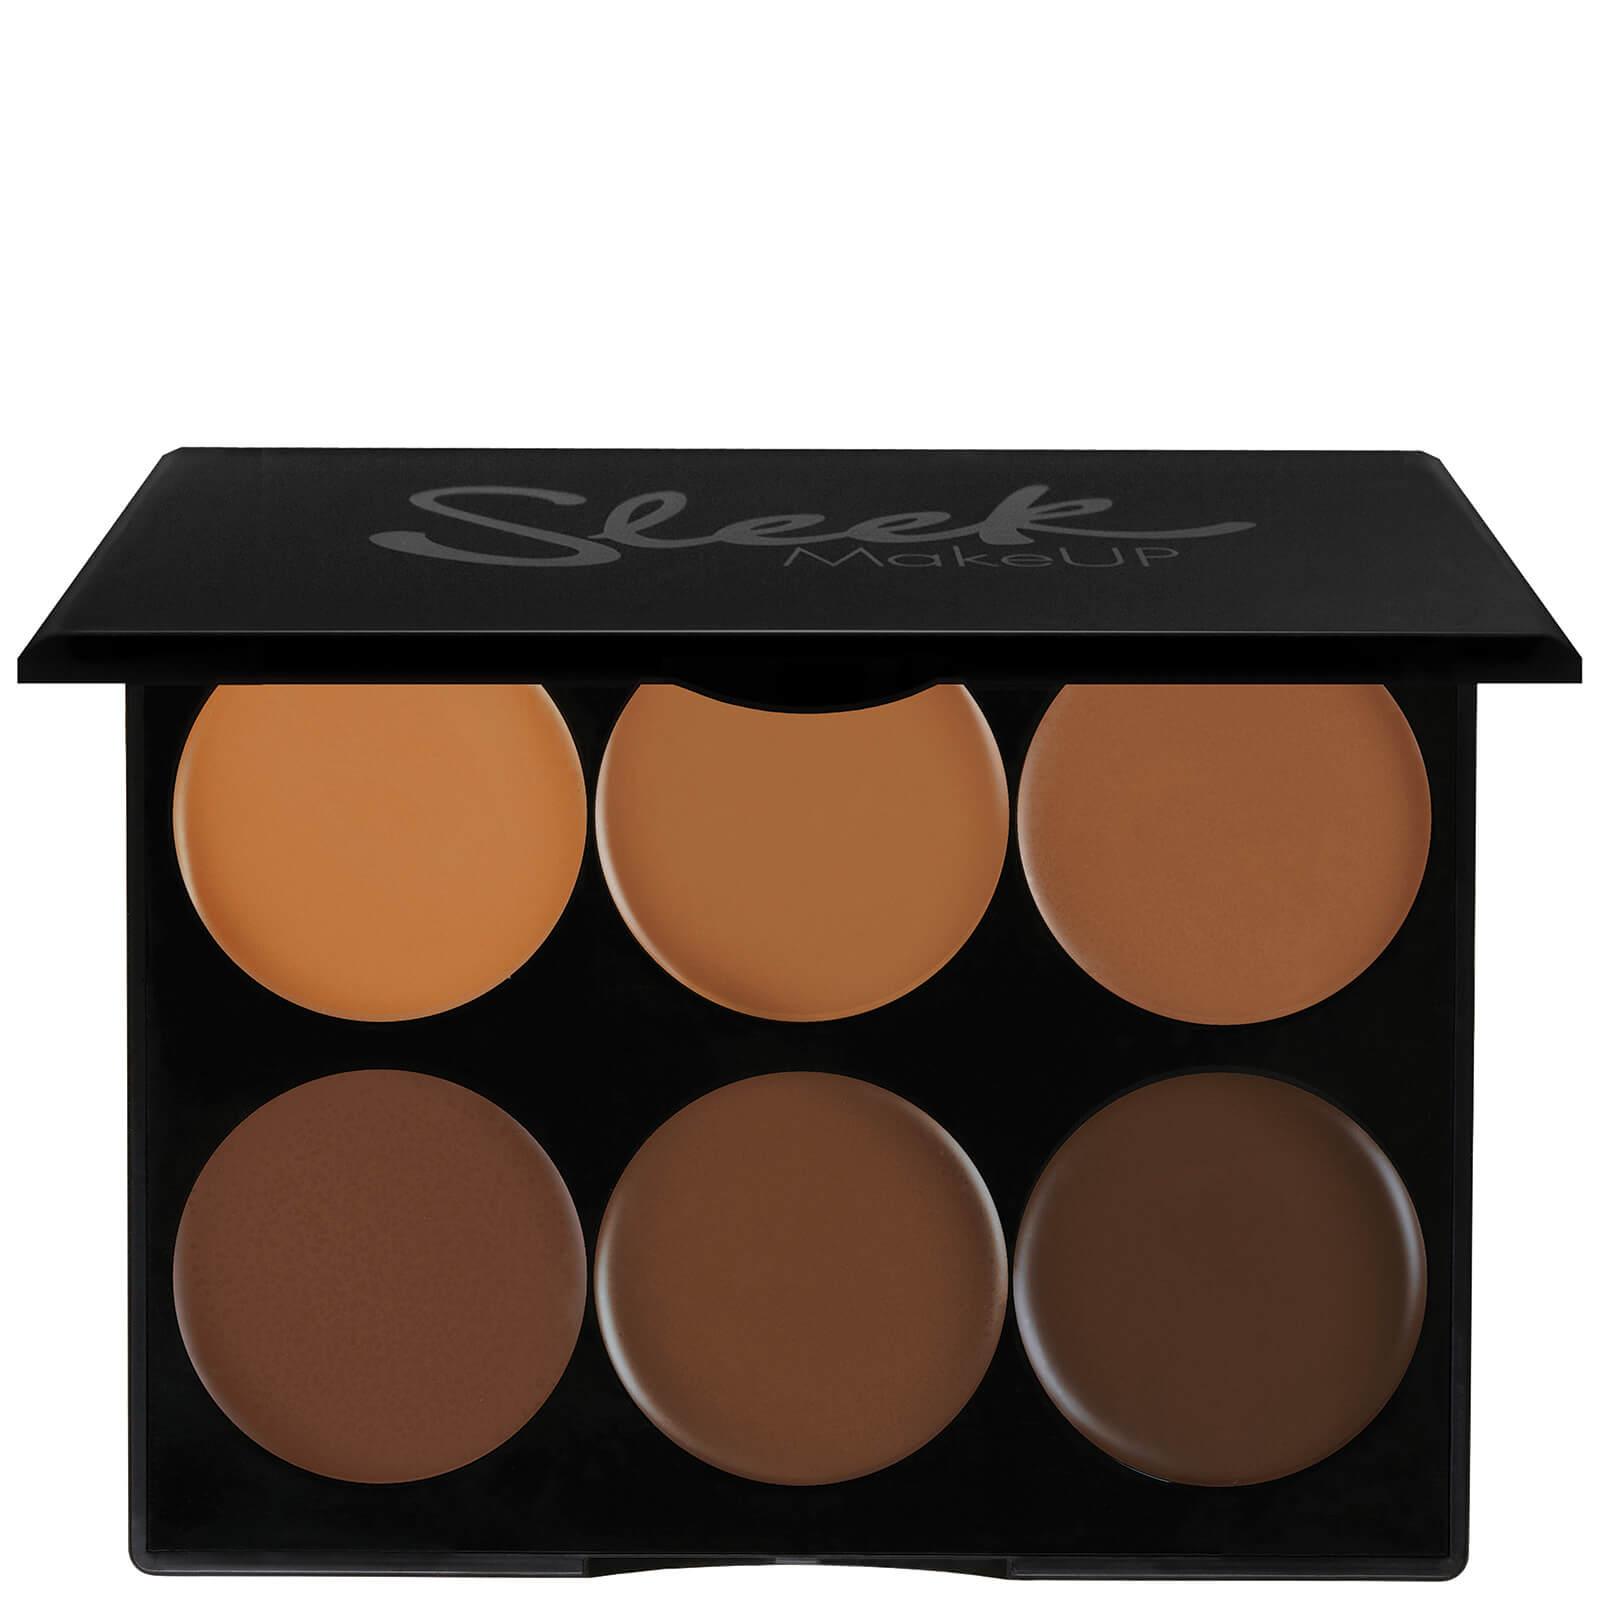 f8df0a8f07e6 Sleek MakeUP Cream Contour Kit - Extra Dark 12g